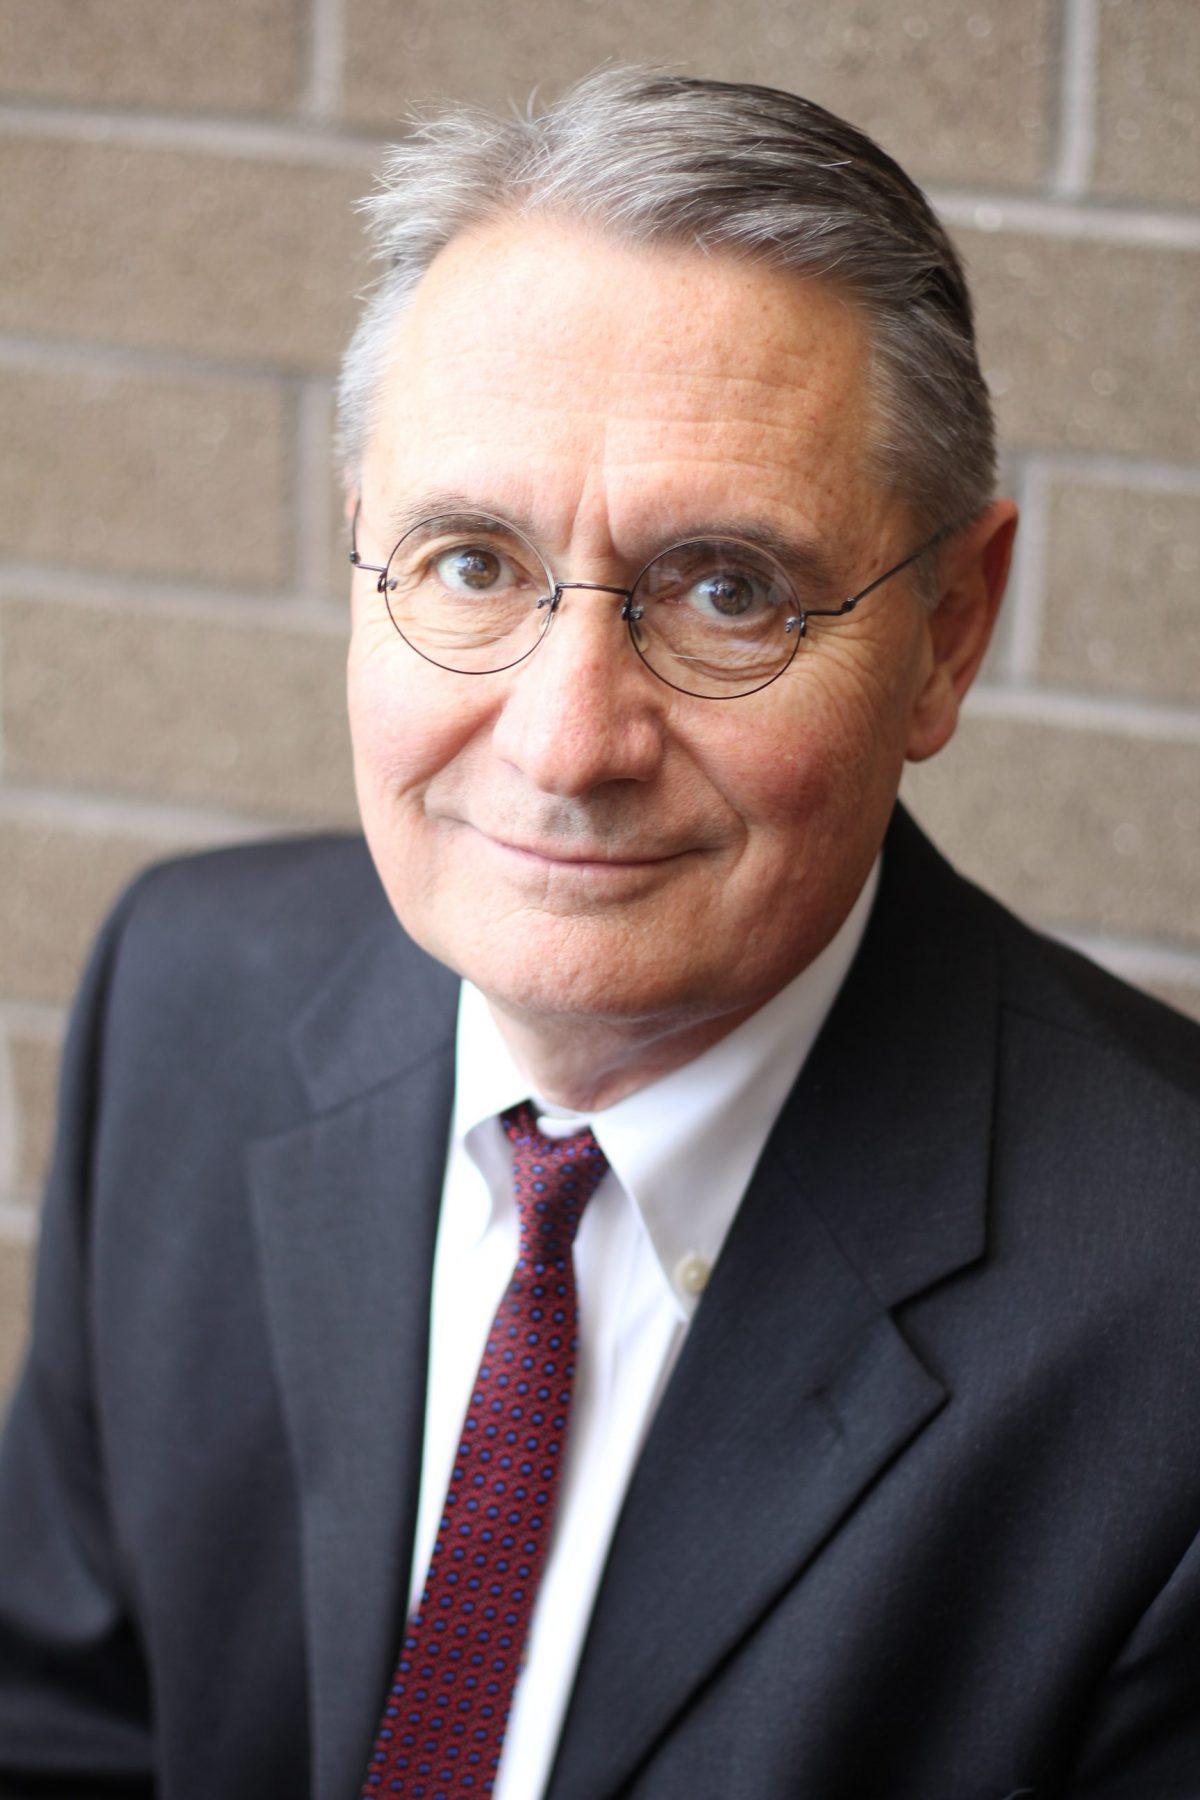 Patrick Anderson, Director, 02-26-01